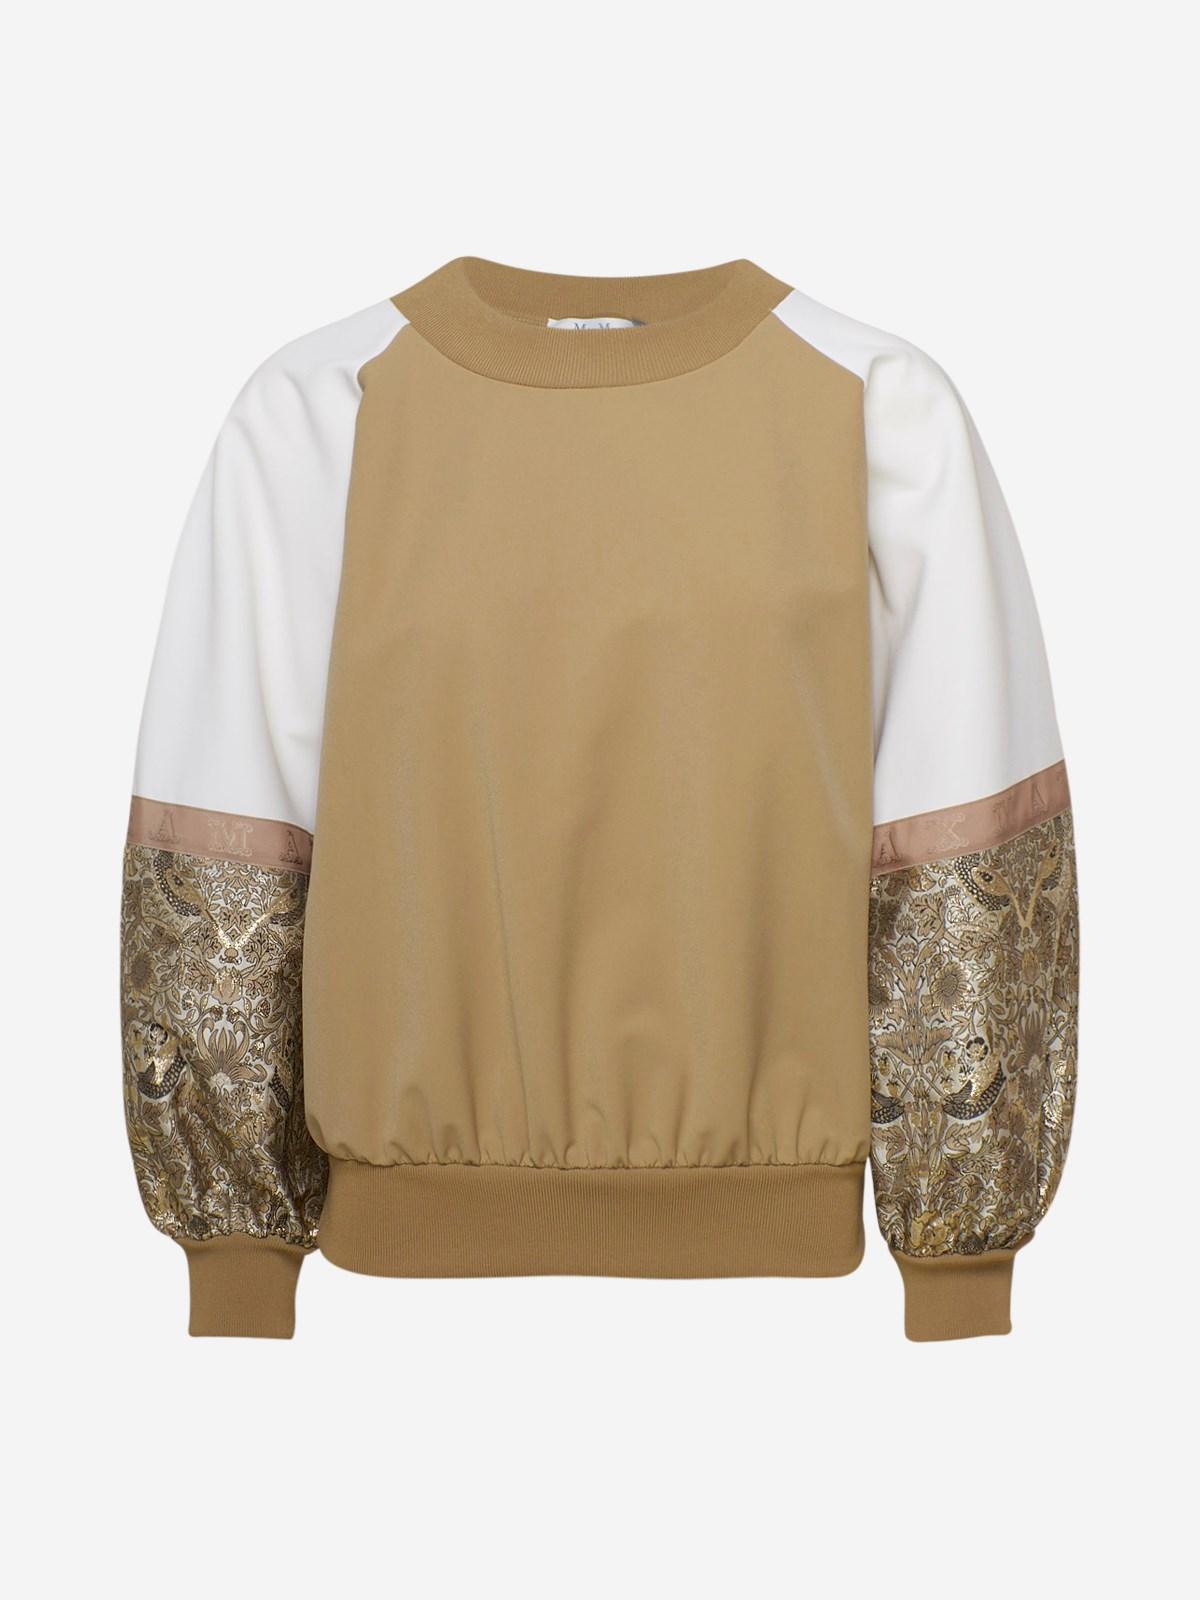 Max Mara Clothing BEIGE MIRCO SWEATSHIRT